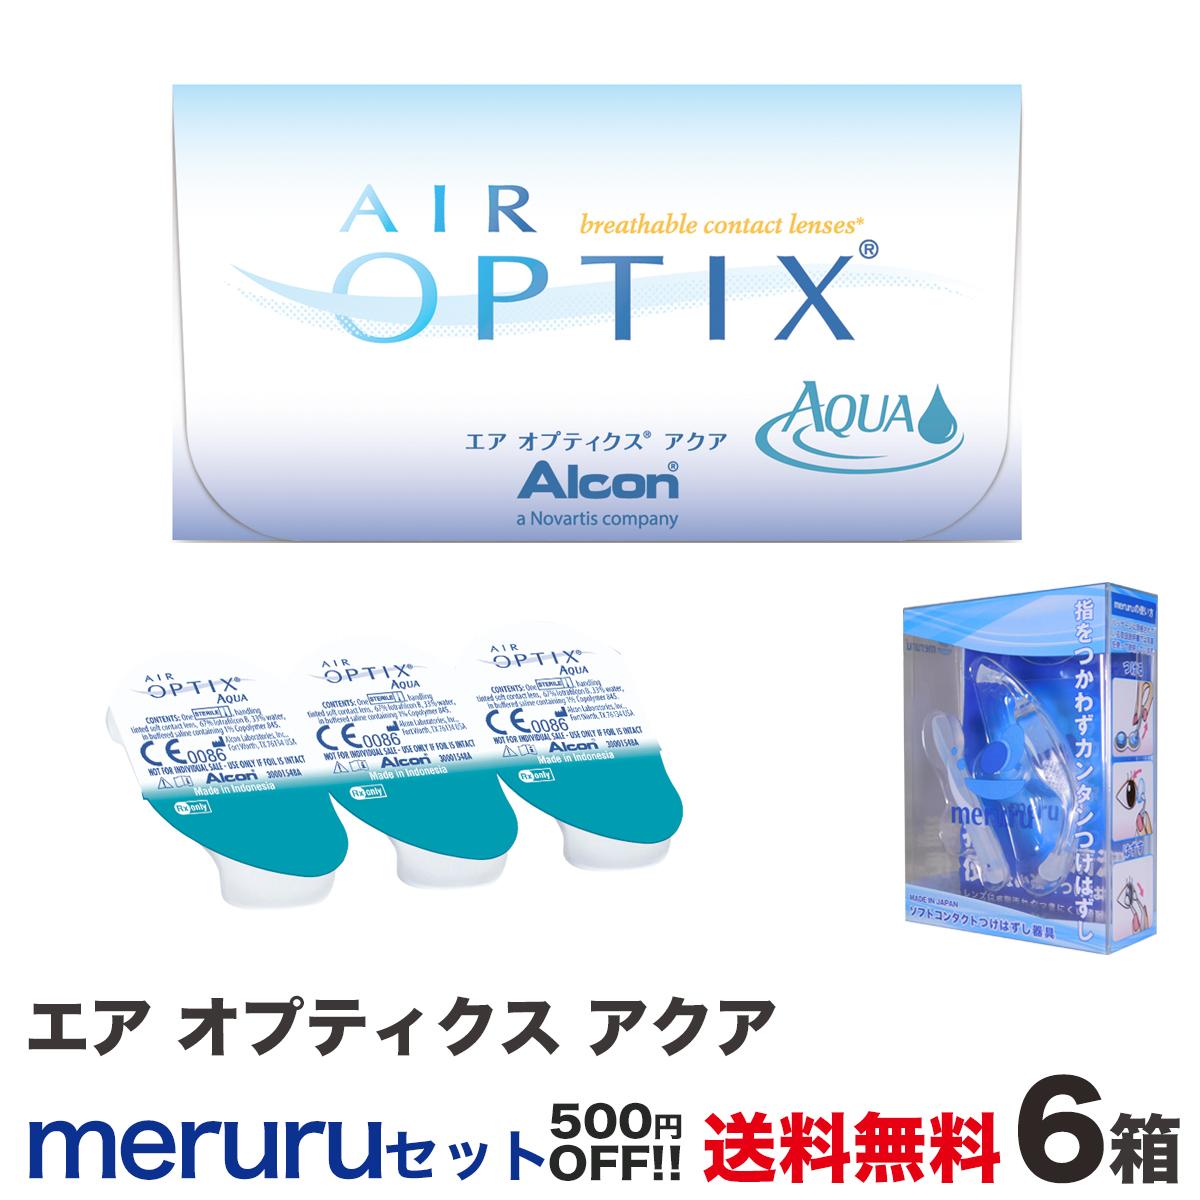 エア オプティクス アクア6箱+メルルセット 全国送料無料! セット購入で500円OFF! <2週間交換タイプ ソフトコンタクトレンズ 日本アルコン 1箱6枚入り>